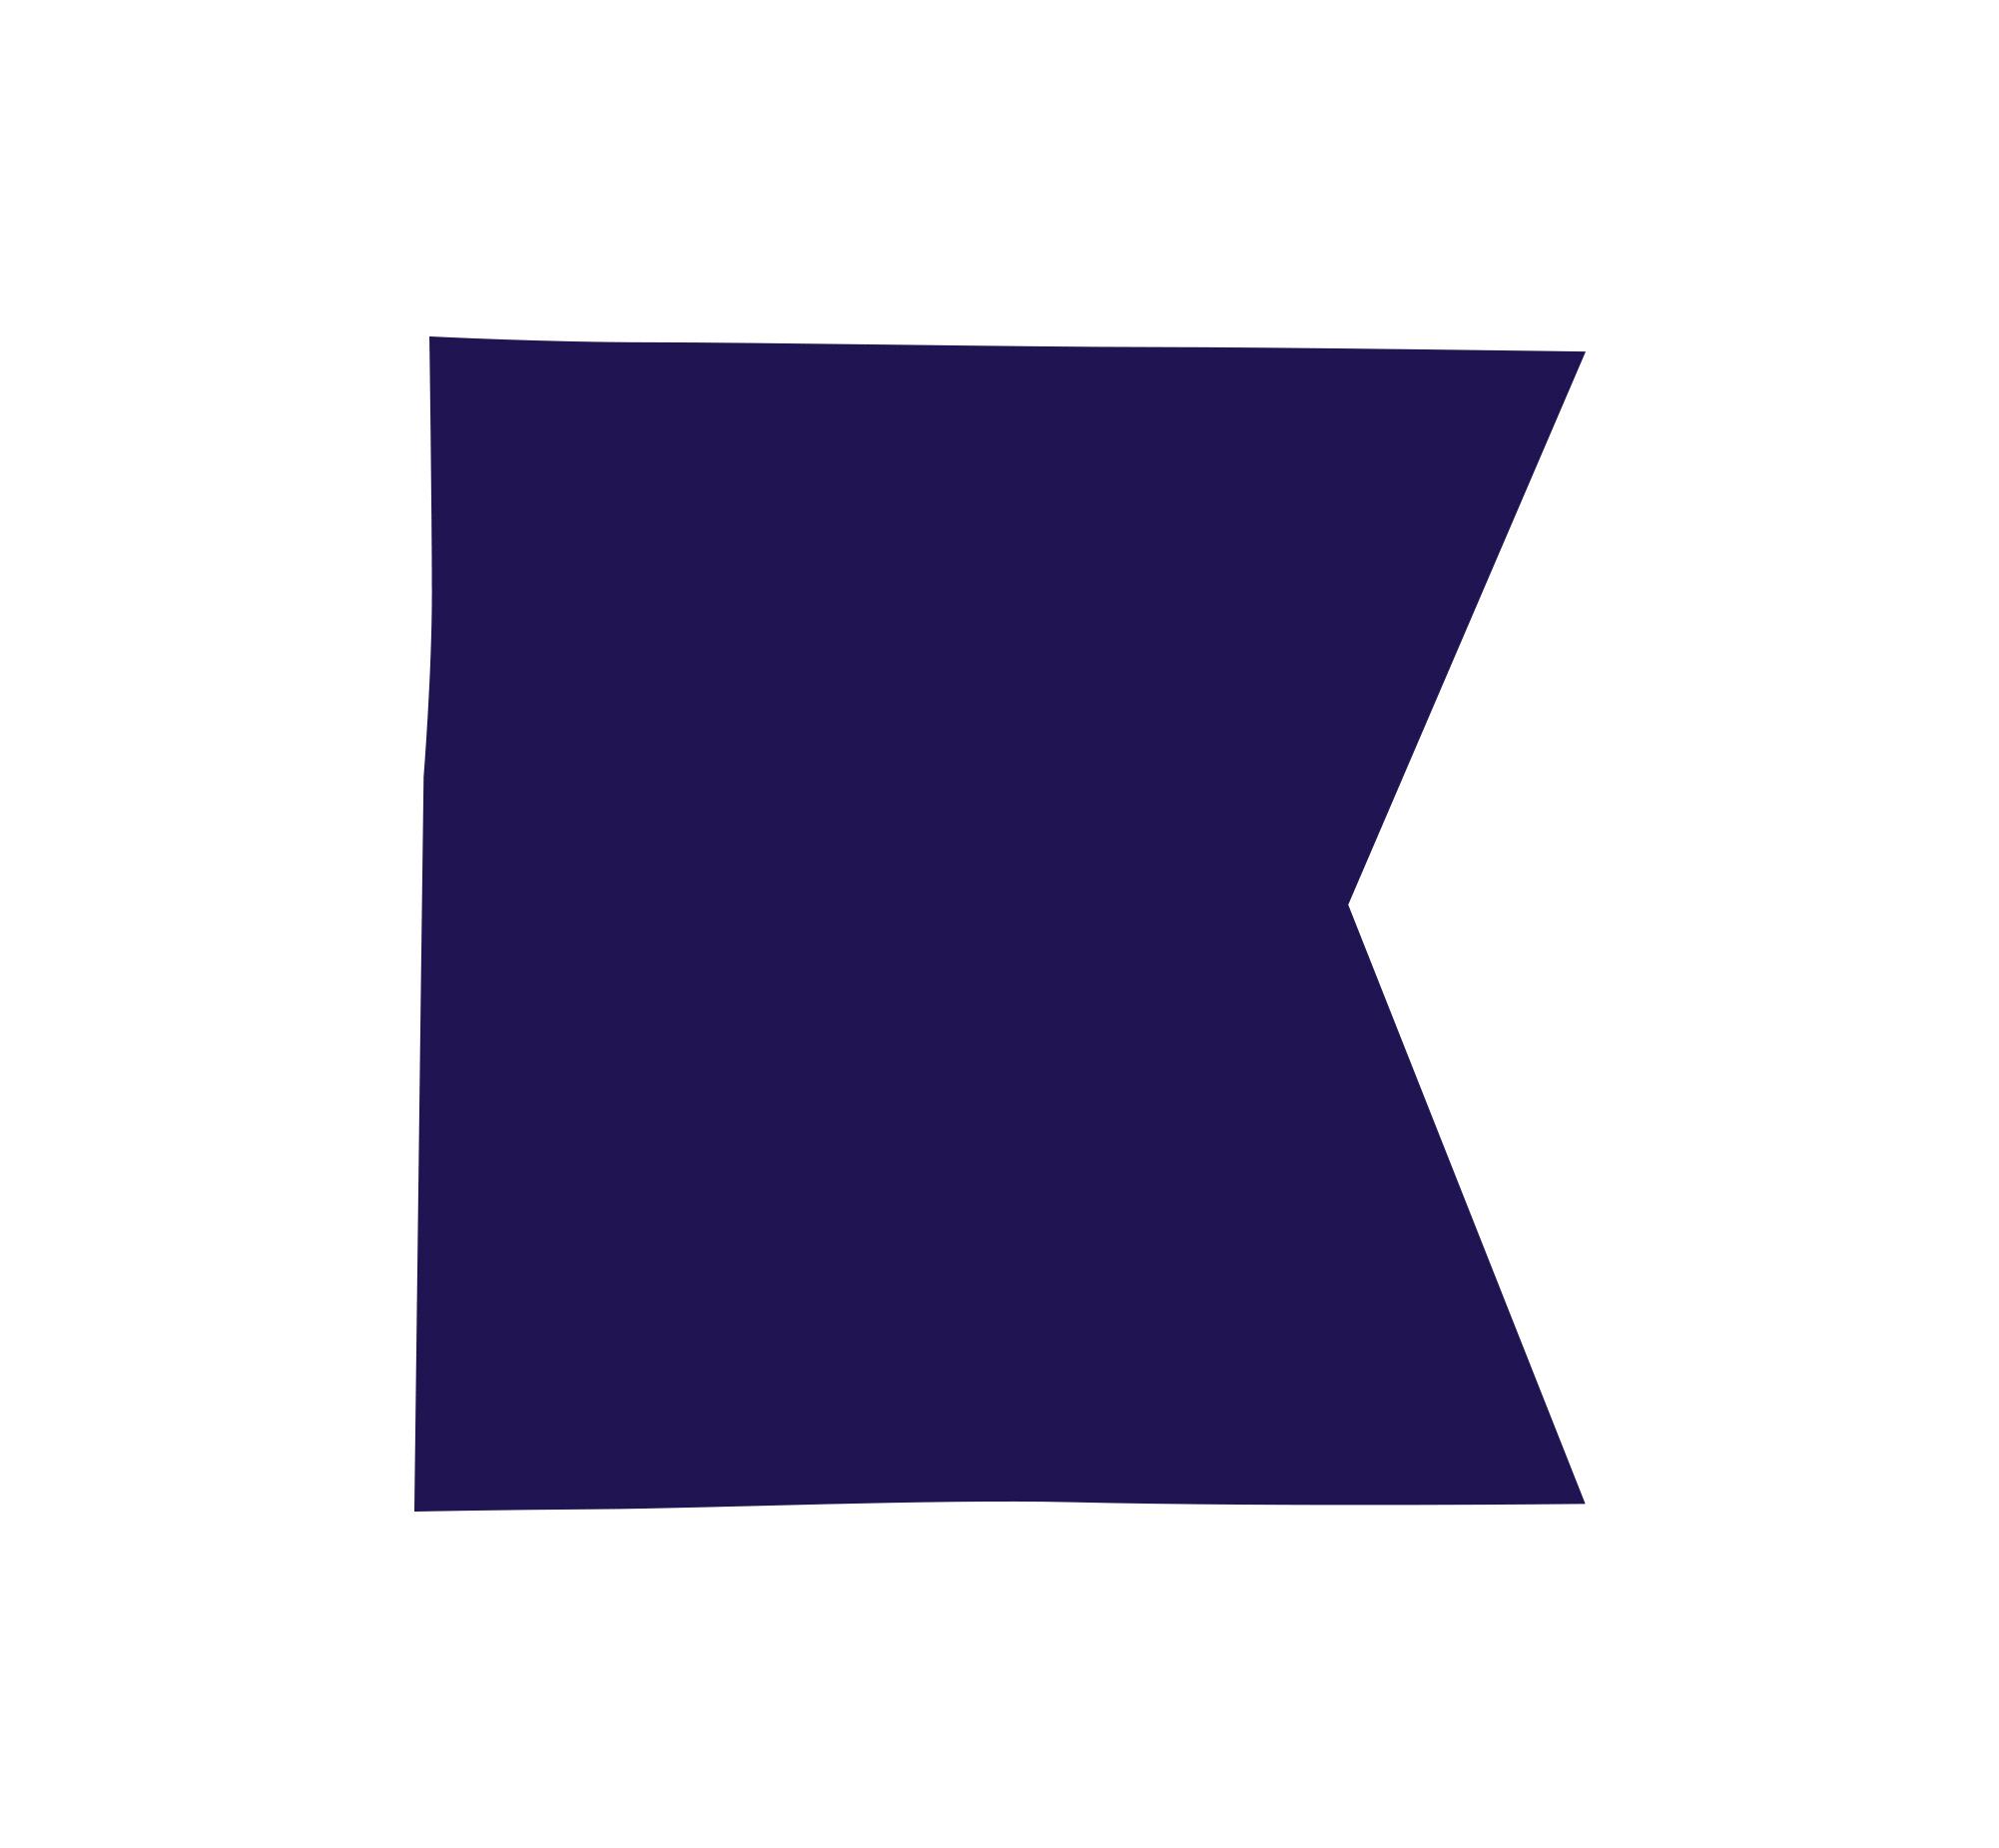 Drapeau - Kawali est non seulement un restaurant de quartier, mais aussi une entreprise familiale. C'est pourquoi nous nous sommes inspirés de la forme d'un drapeau pour venir compléter le logo. Une forme géométrique forte qui fait aussi un clin d'oeil à la première lettre du mot Kawali.FLAGTo complete the logo we were motivated by Kawali, not only a neighborhood restaurant, but a strong example of a family institution. We were inspired to use the flag as a powerful geometric shape evocative of the letter K.